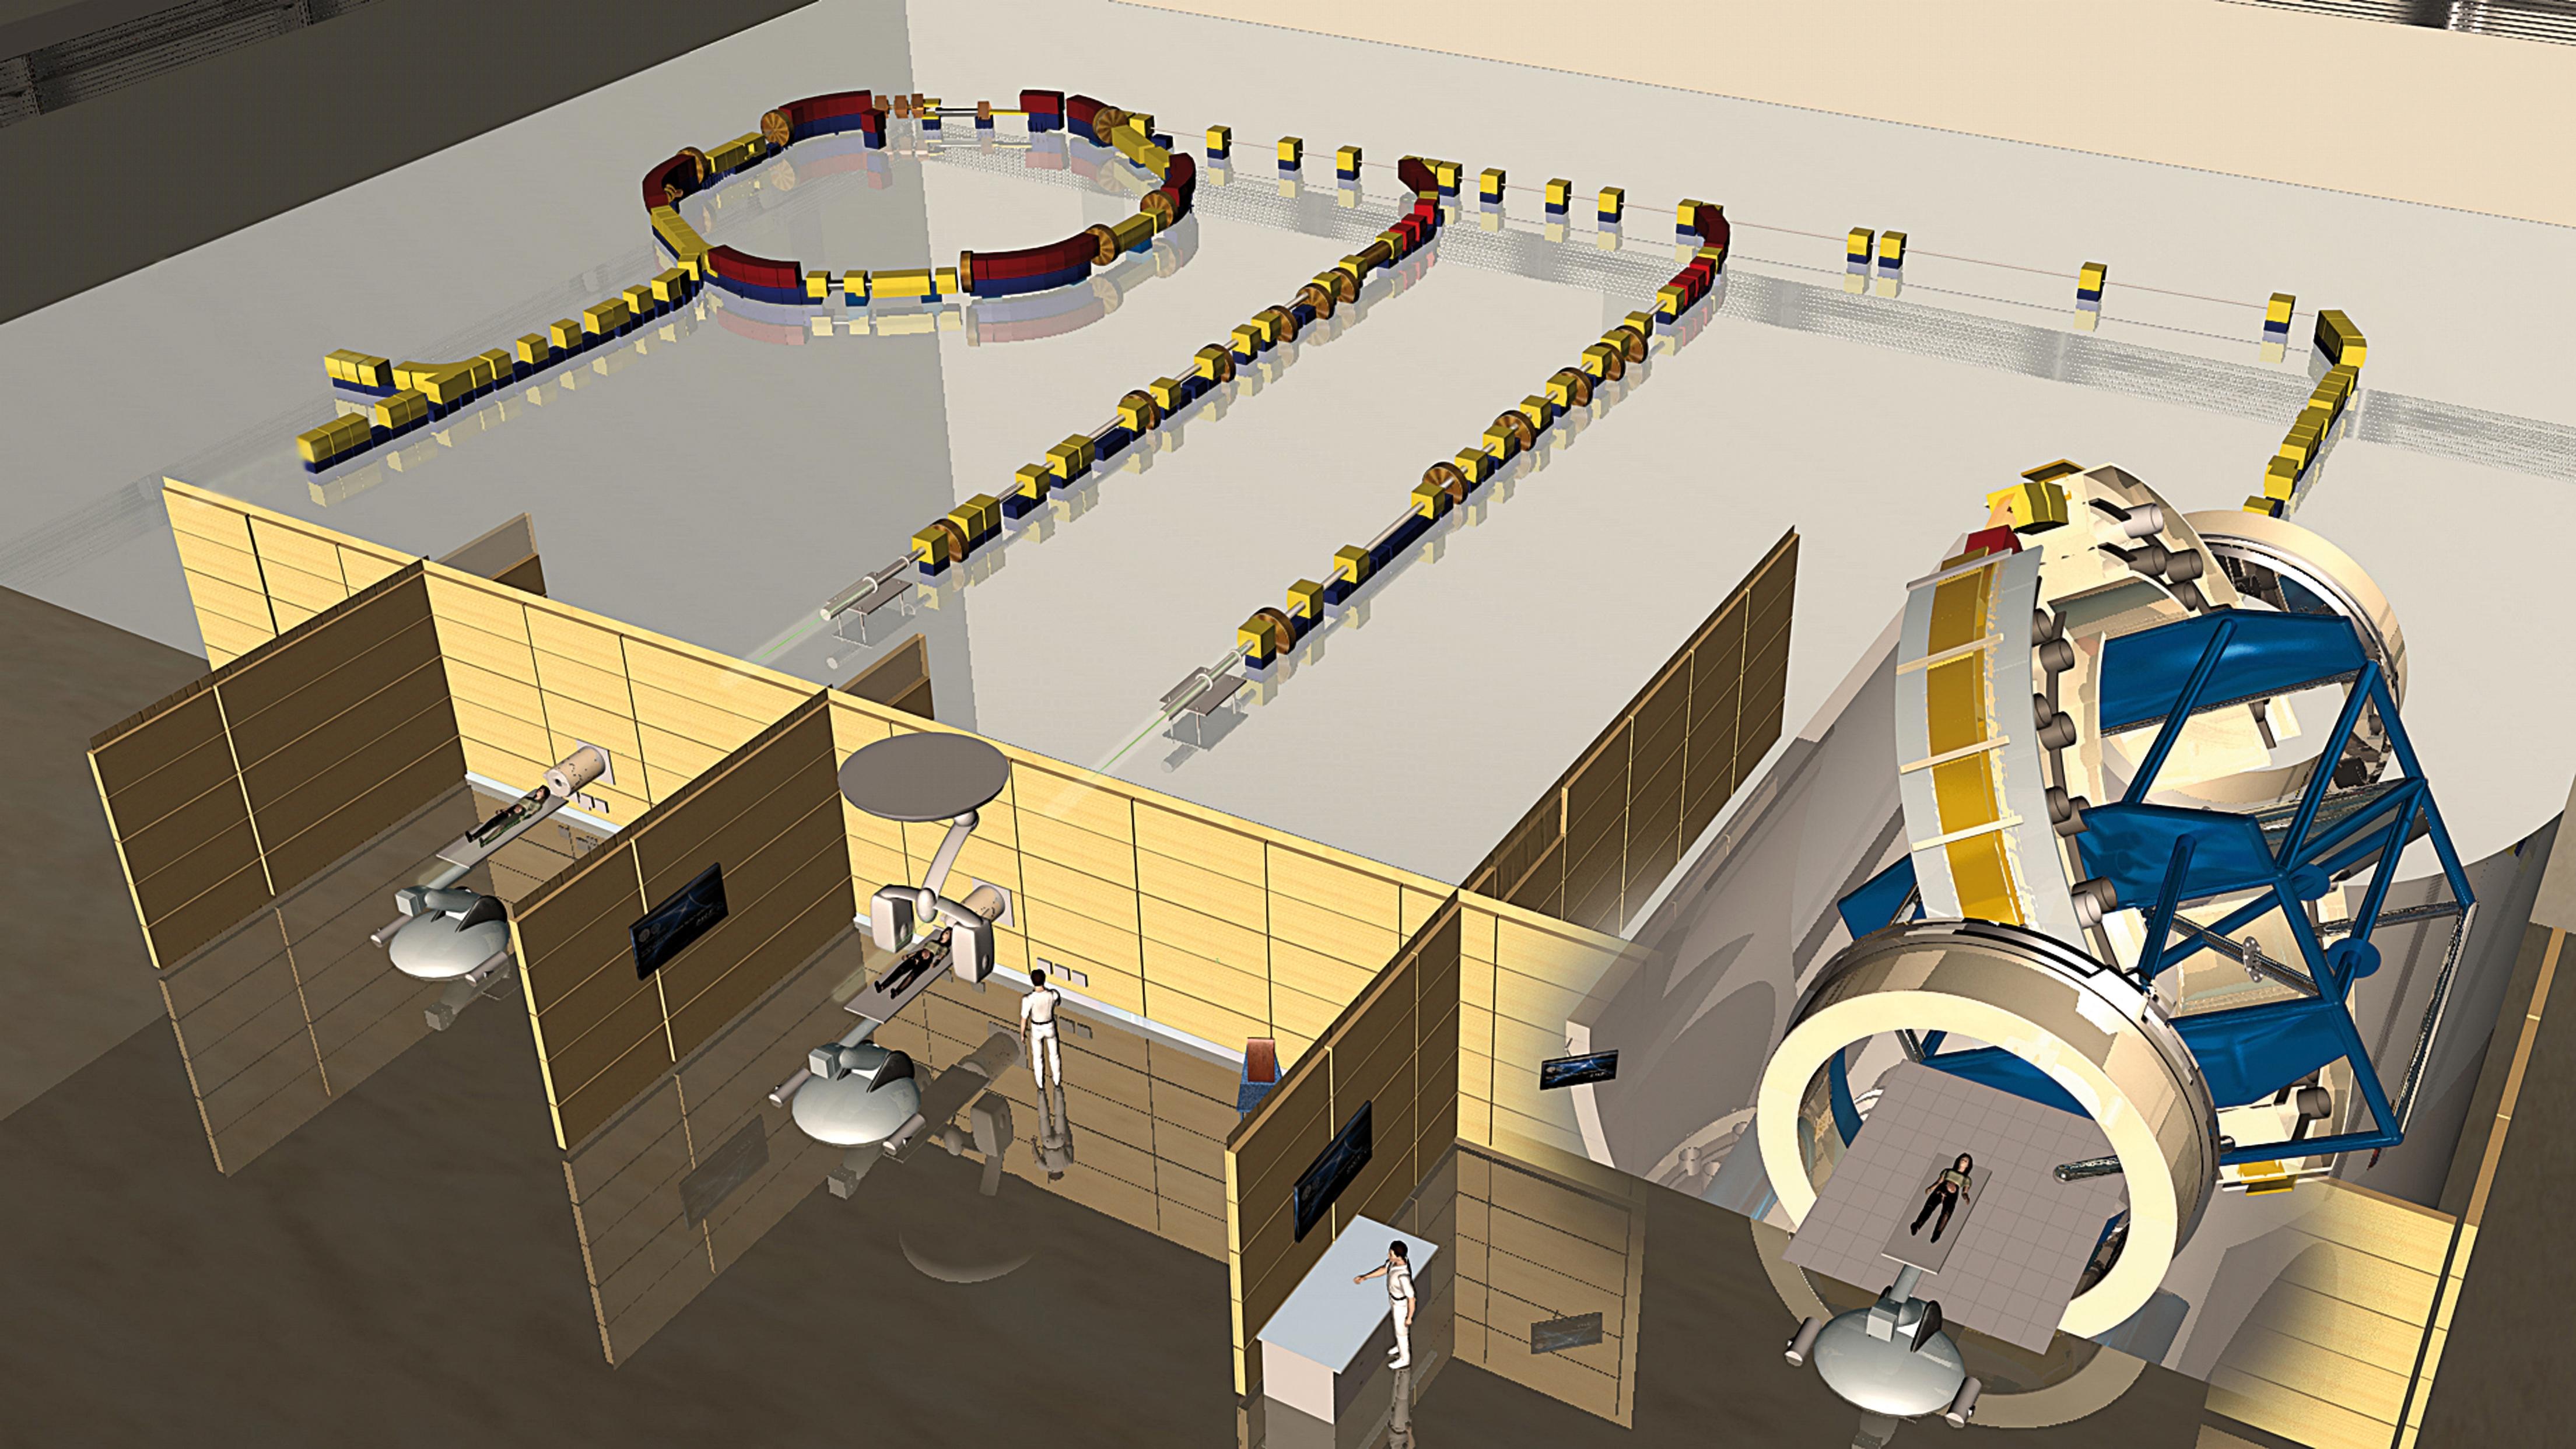 Eindrucksvoll zeigt die Grafik die Strahlenführung sowie die 3 Behandlungsplätze im Heidelberger Ionenstrahl-Therapiezentrum HIT.